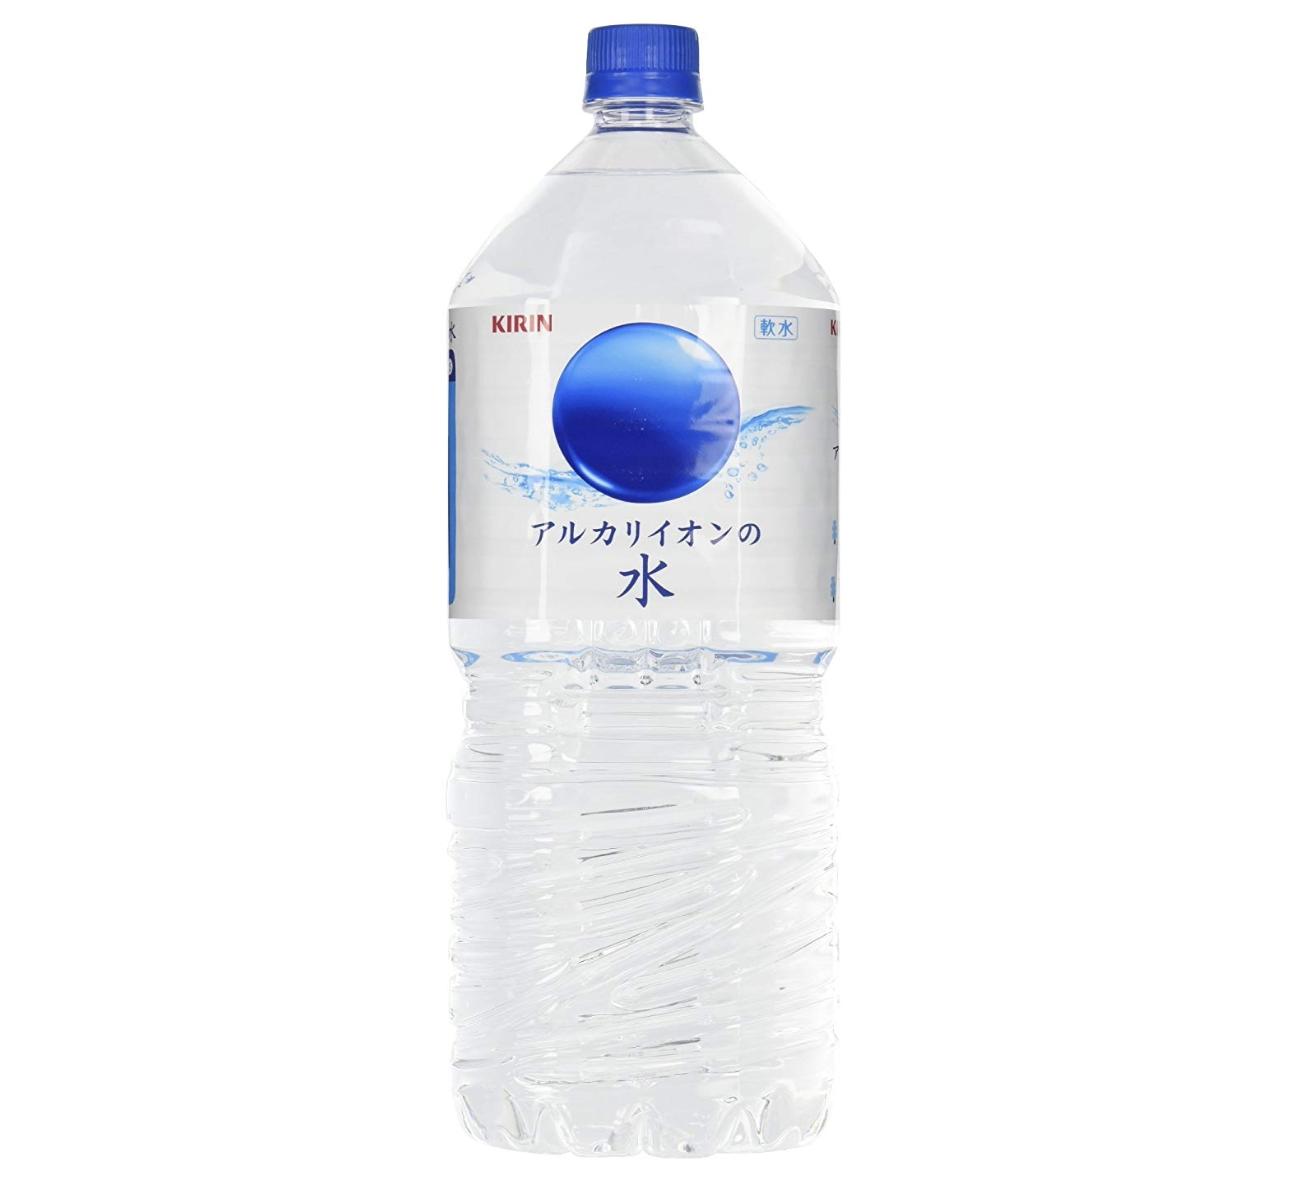 キリンアルカリイオンの水